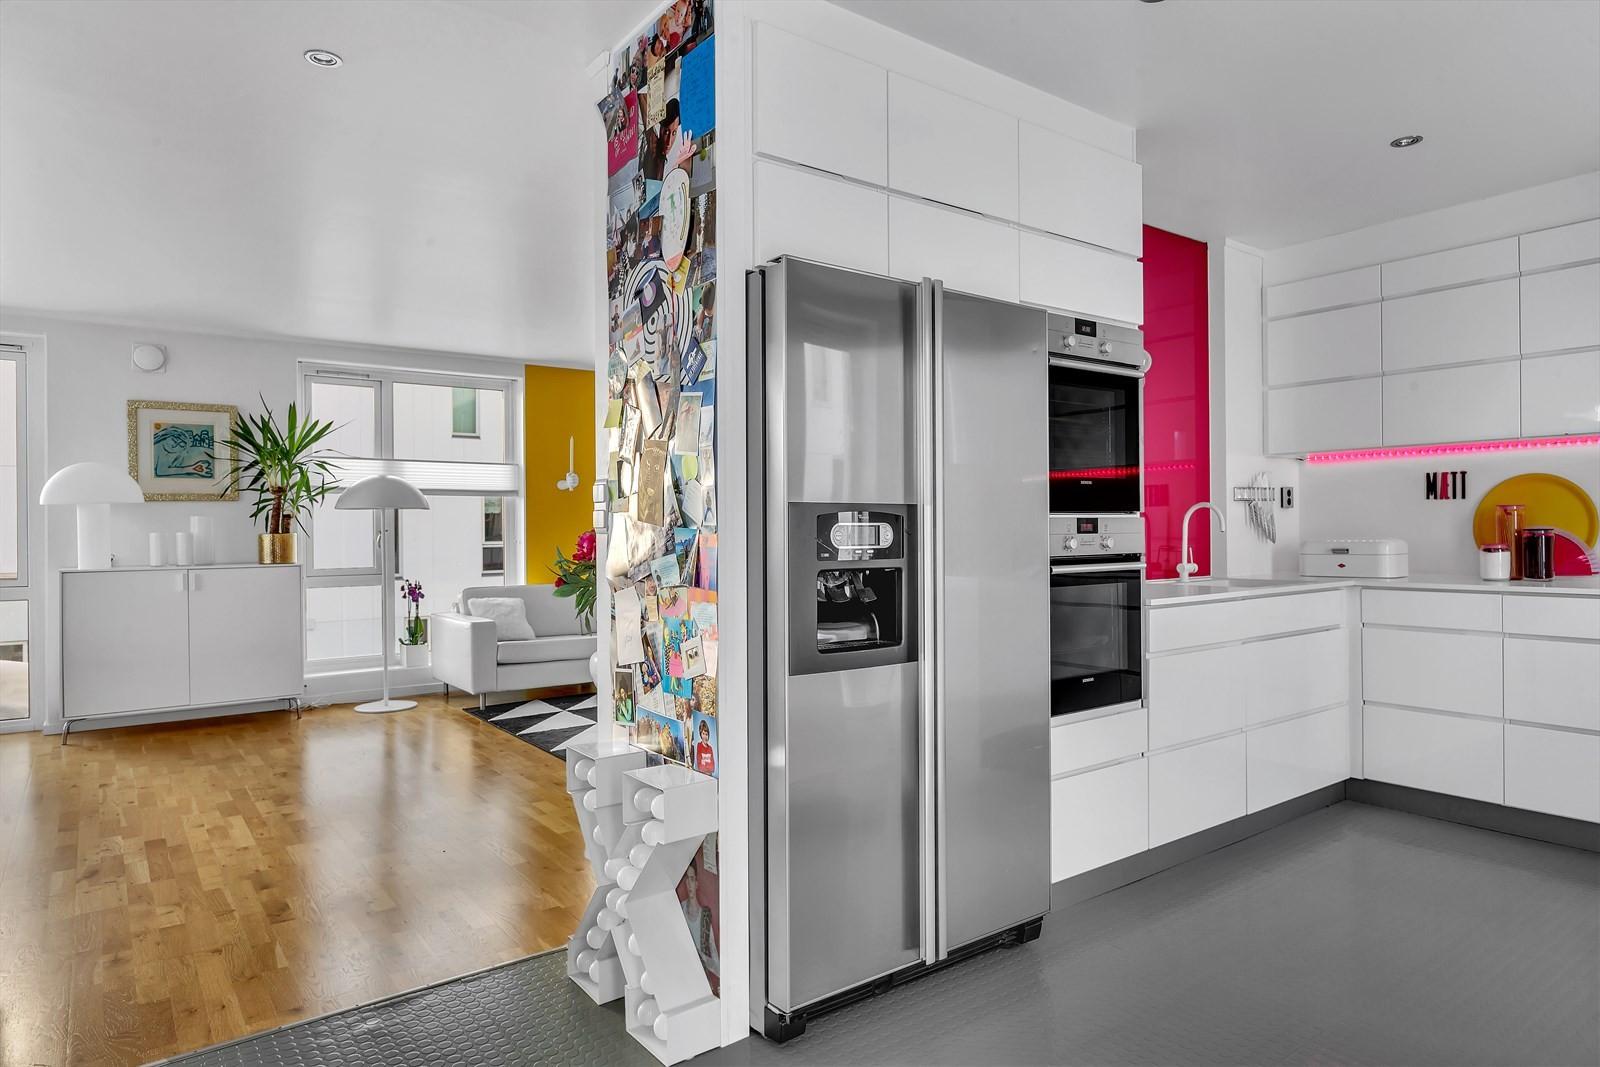 Kjøkken i åpen løsning, men skjermet fra stuen